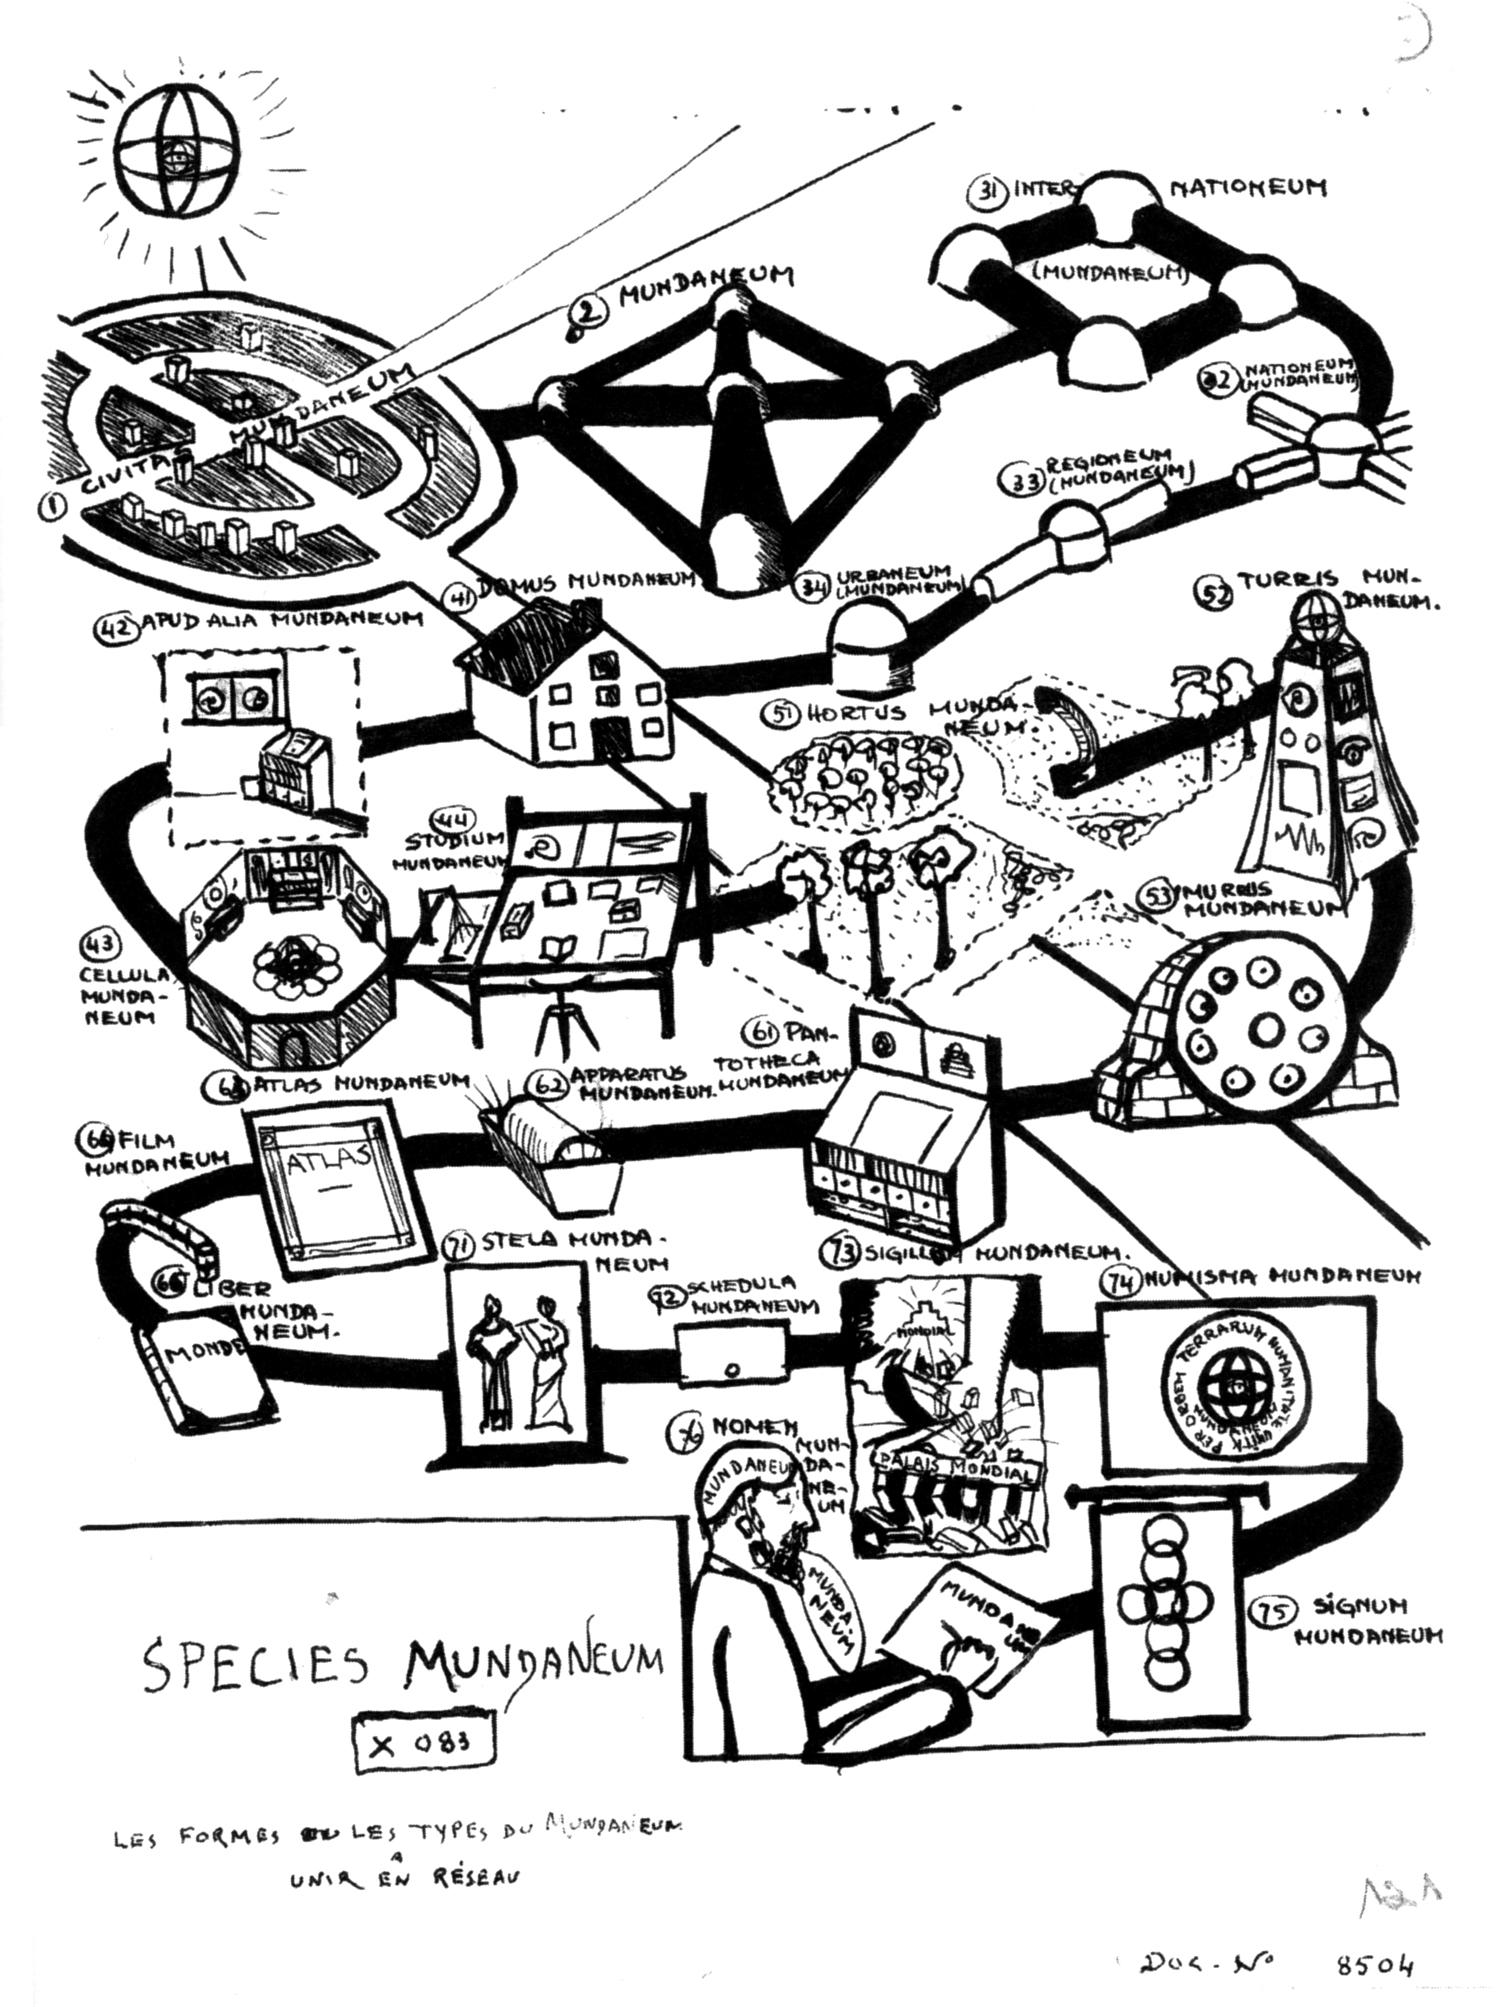 Fig. 1 Mundaneum species, les formes ou les types de Mundaneum à unir en réseau (forms and types of Mundaneum to be united in a network).